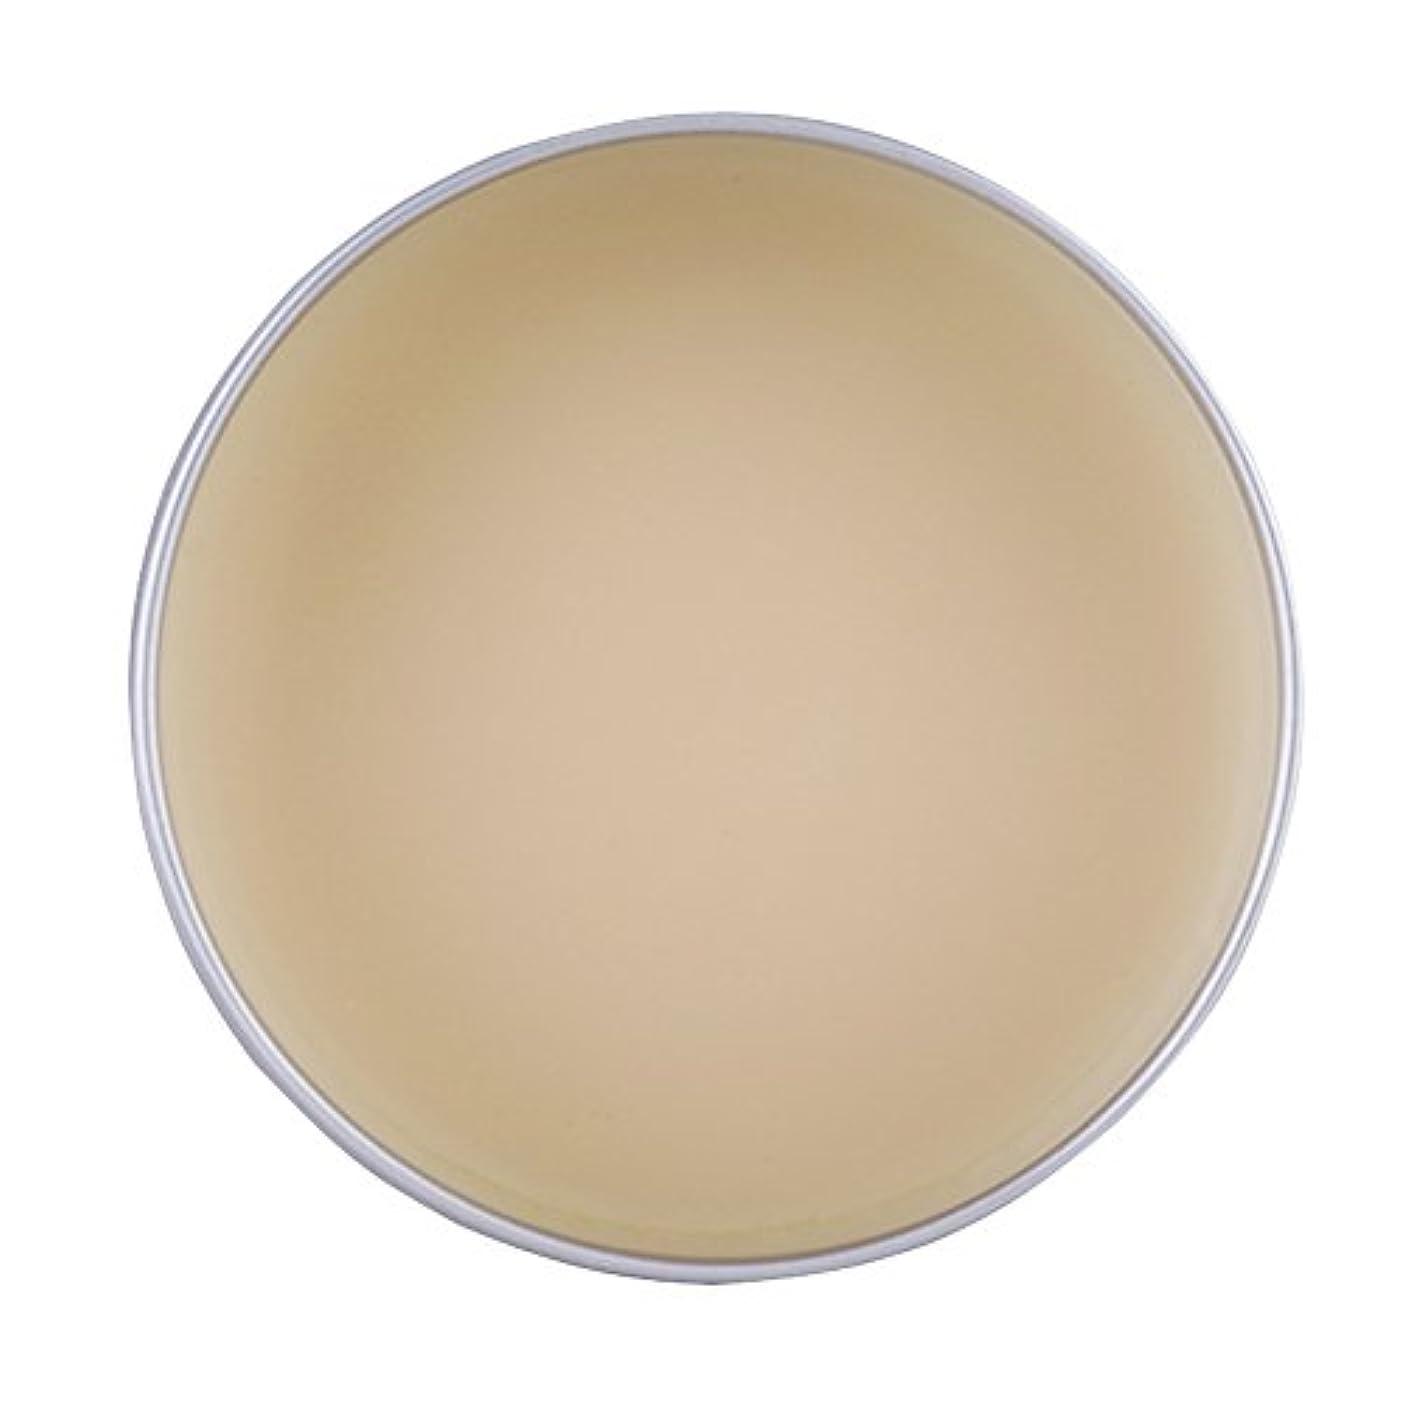 激しいアウター行動5タイププロフェッショナル偽の創傷修復カバー瘢痕眉毛クリームワックスメイクアップ化粧品(2)